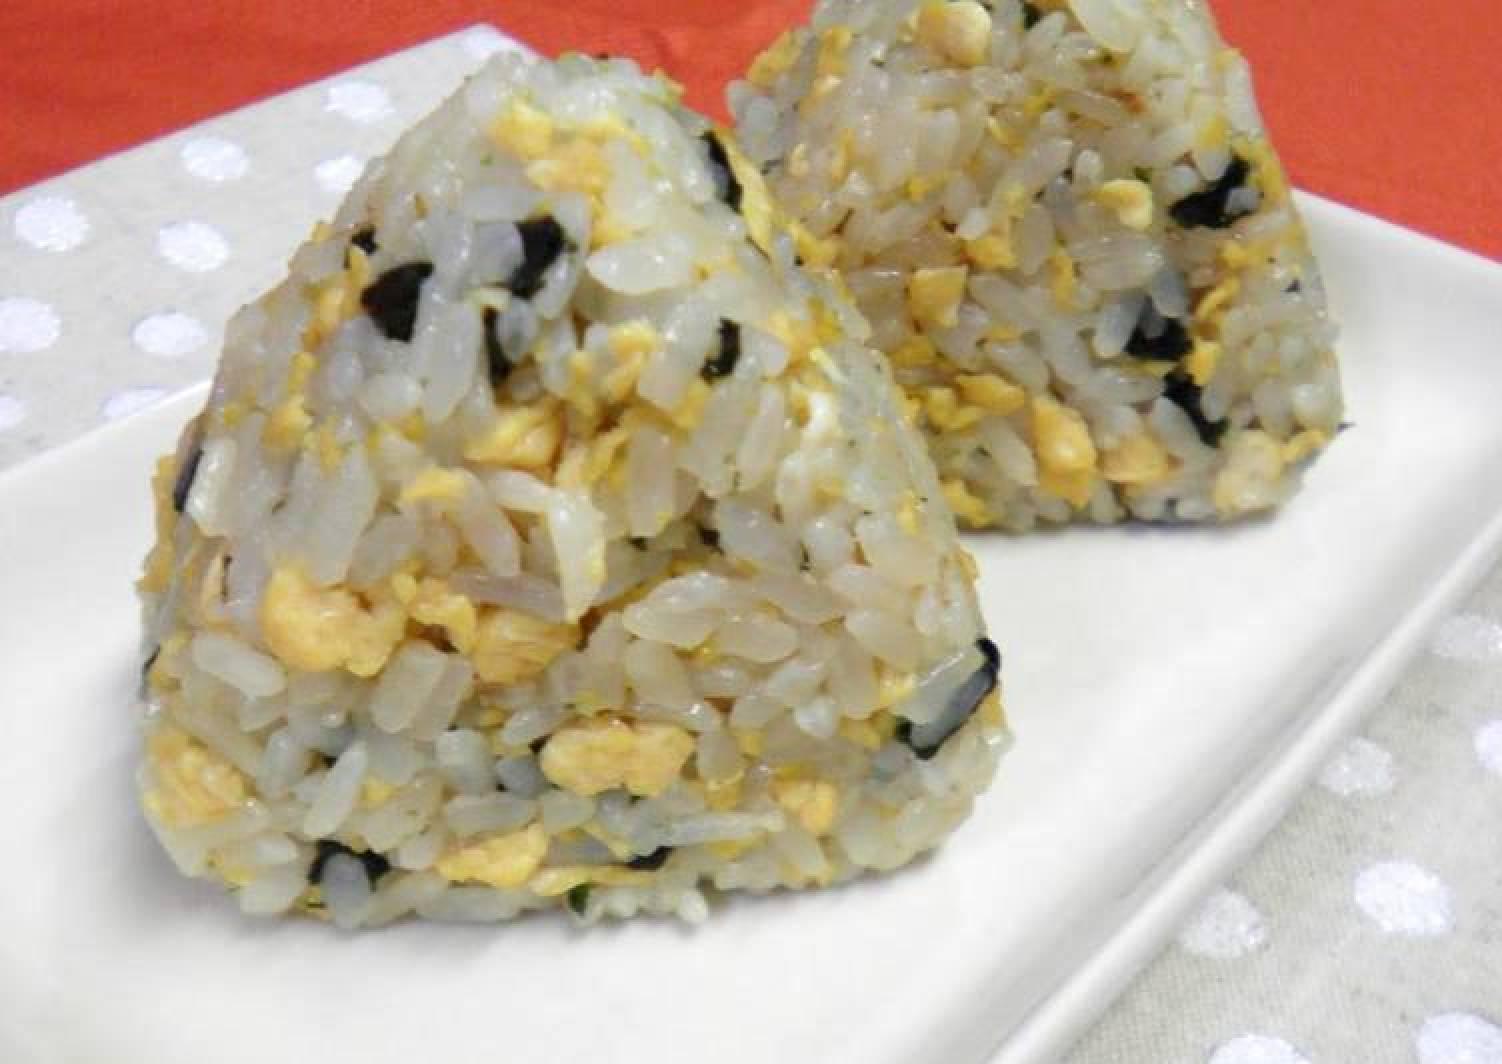 Real Nori Seaweed and Egg Rice Balls